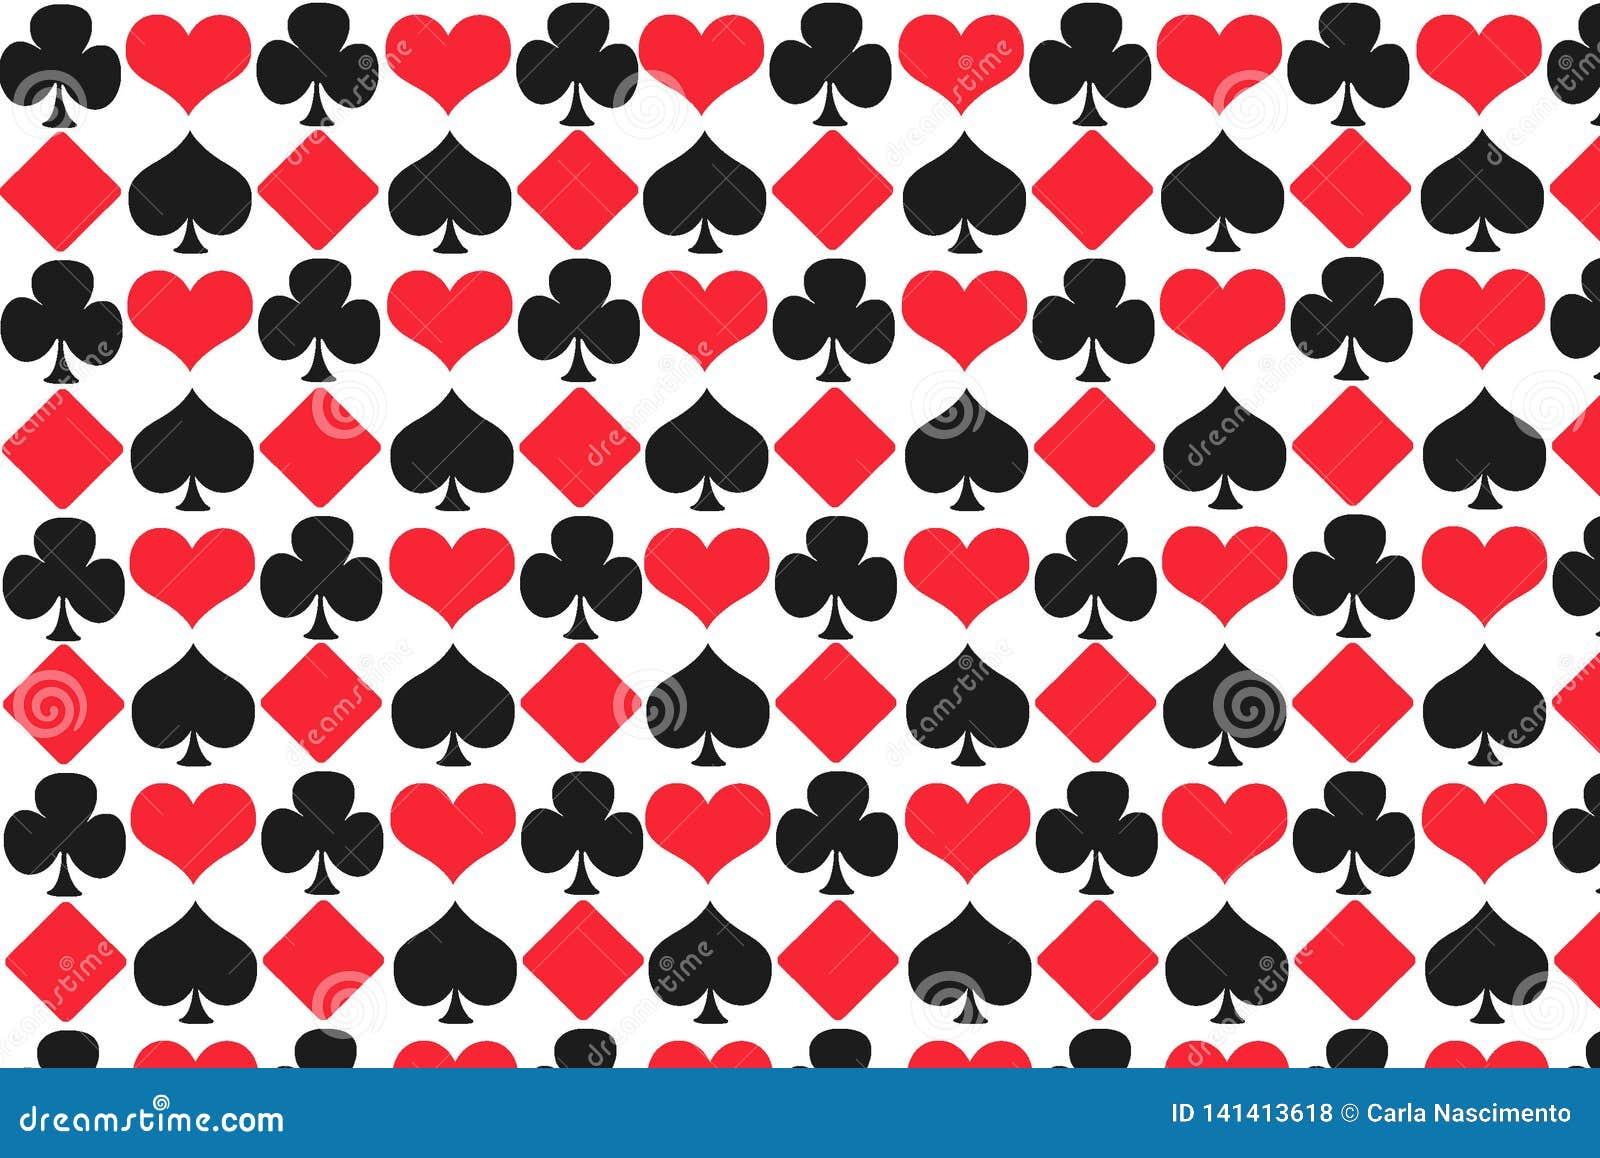 De illustratiepatroon van gokkenkaarten met een witte achtergrond